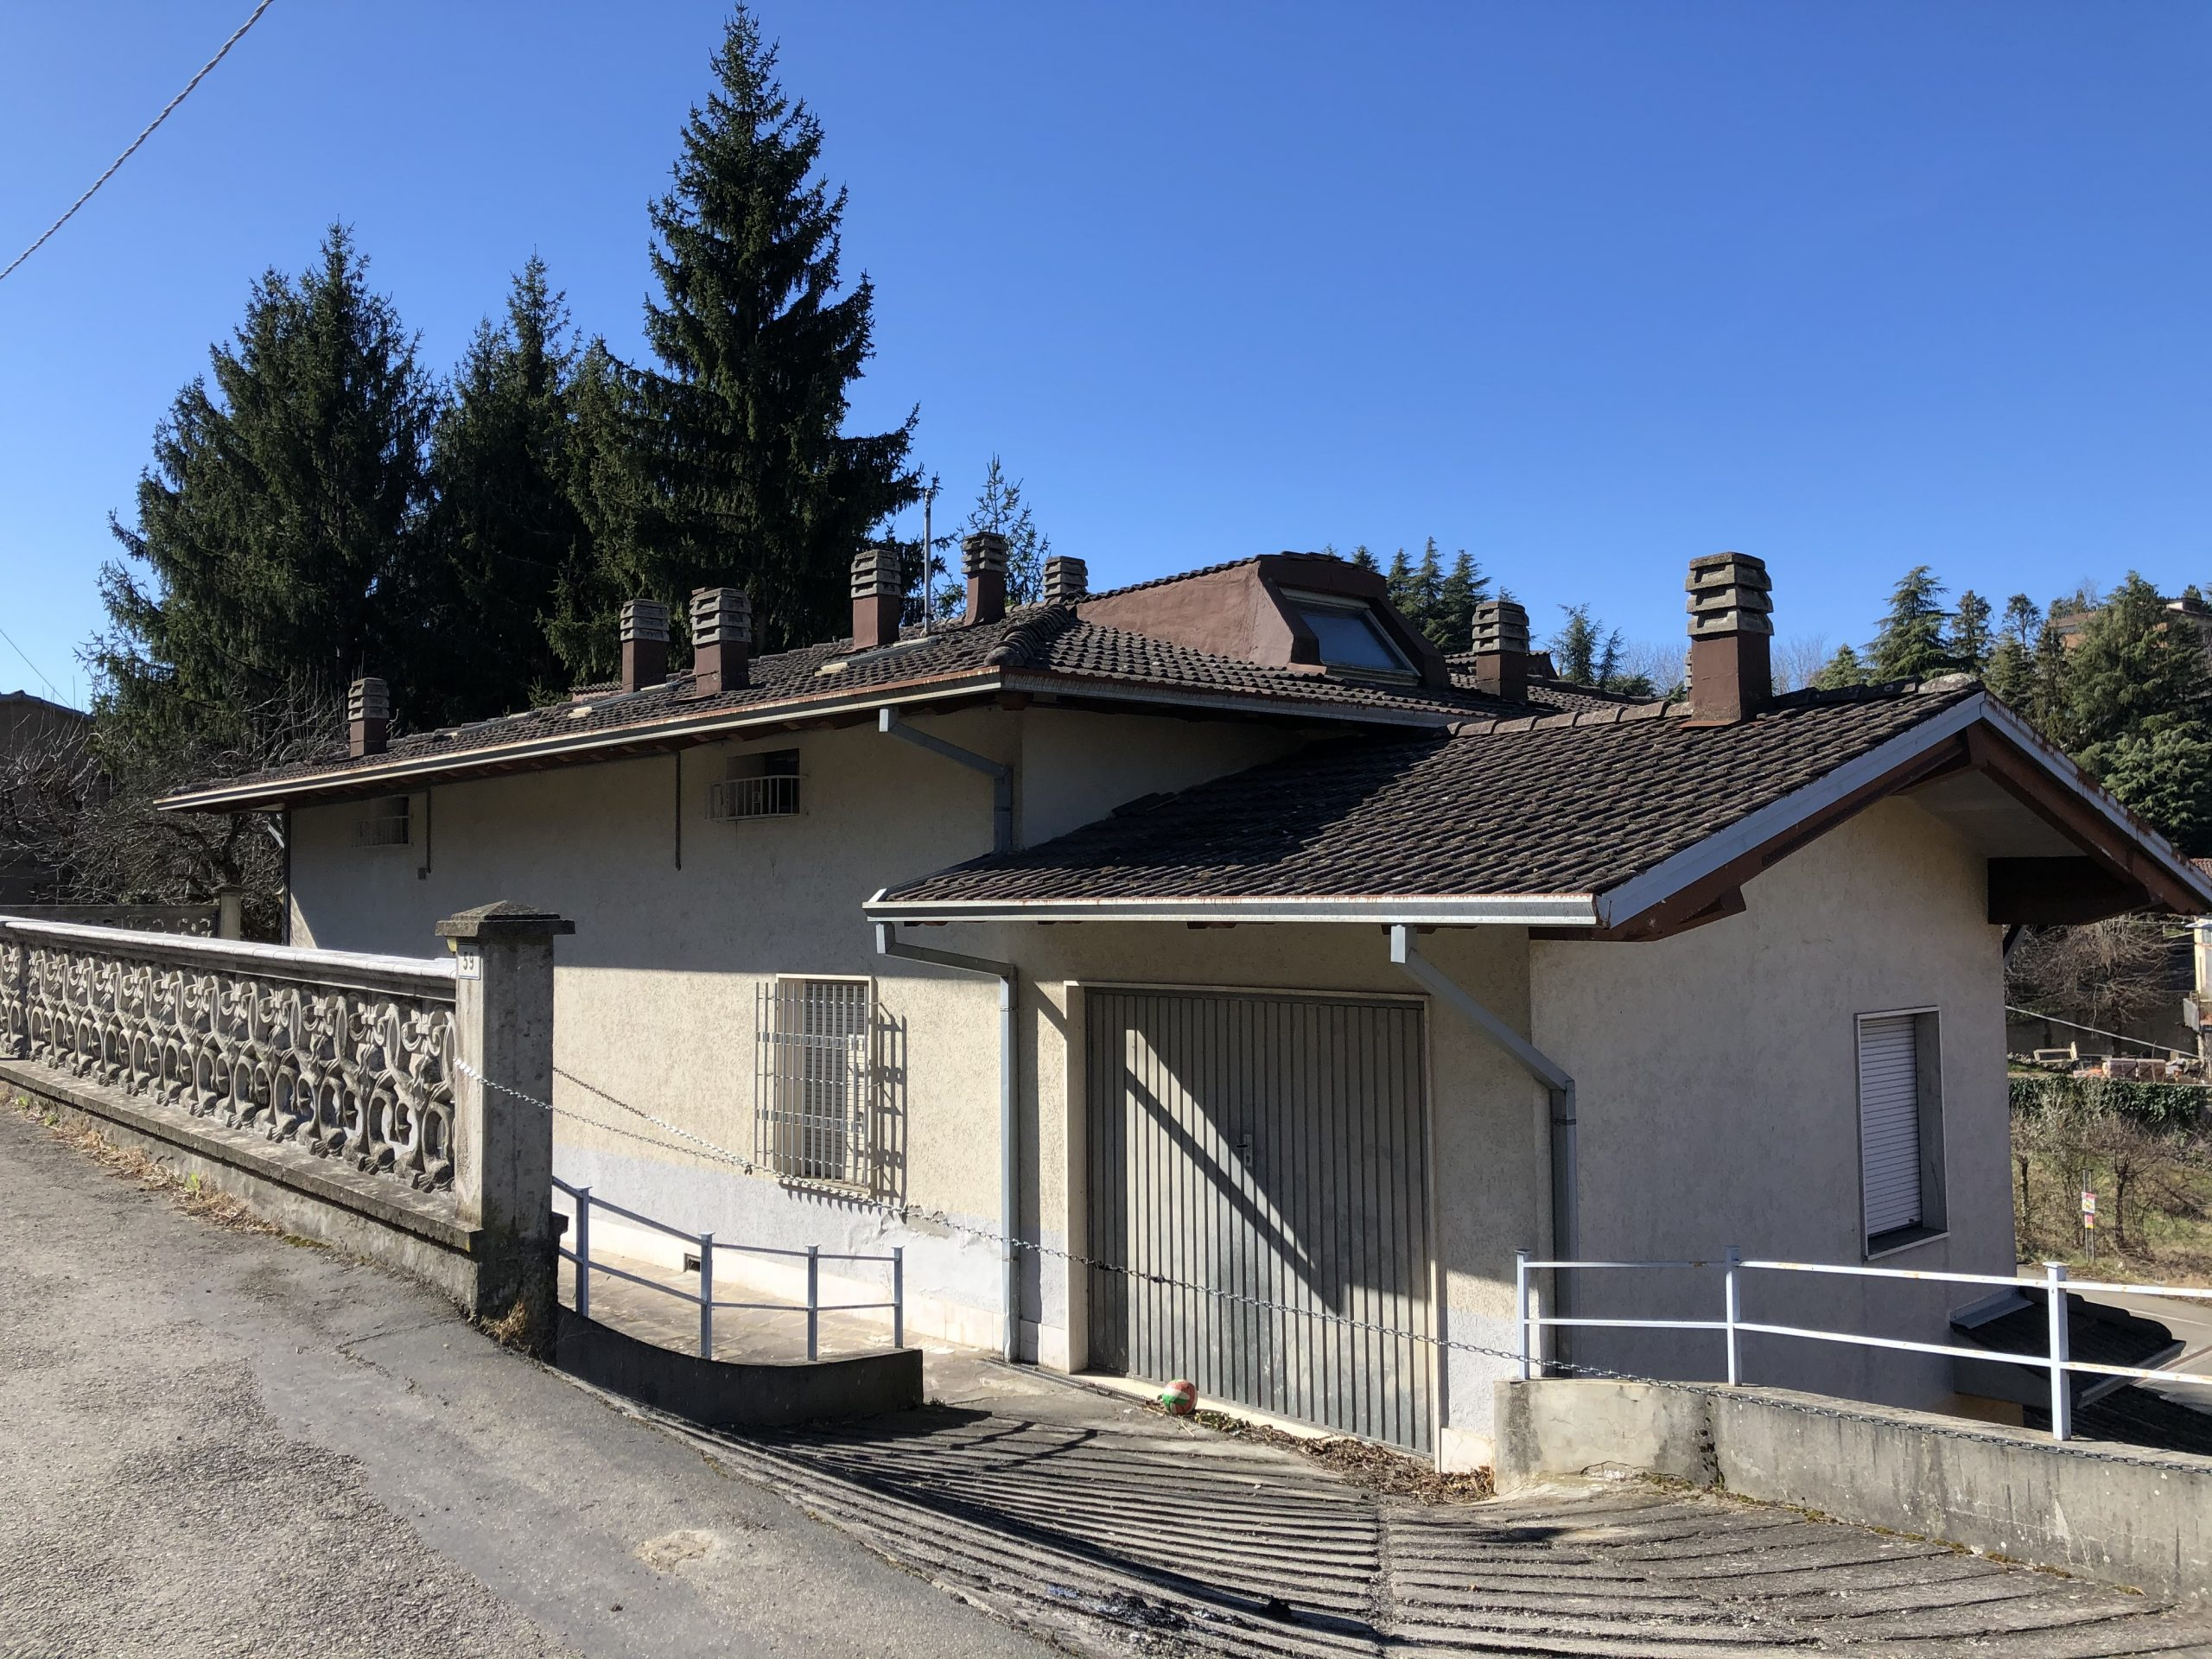 Villa con locale artigianale/commerciale